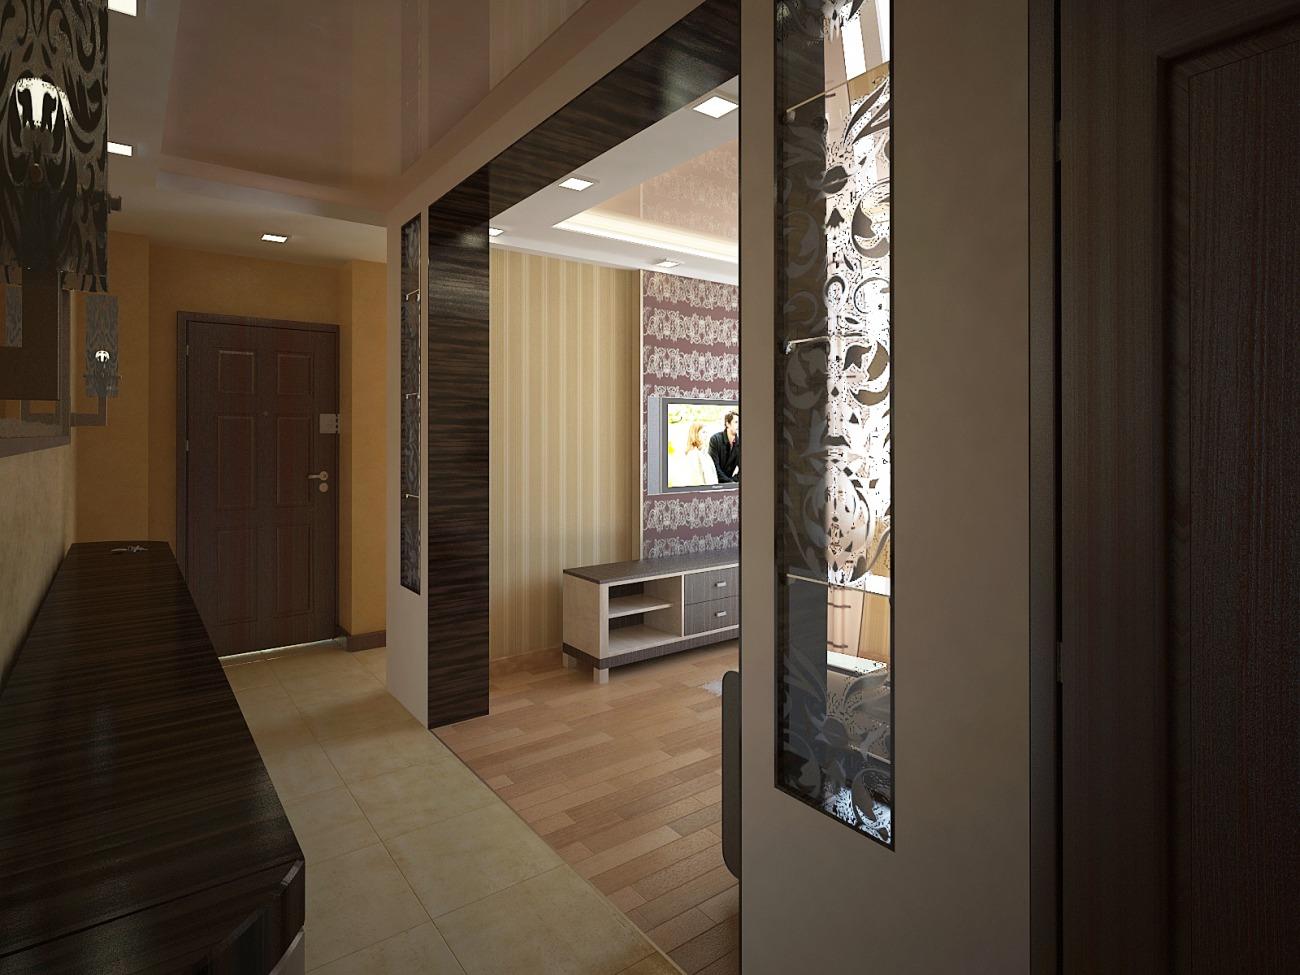 Дизайн коридора в панельном доме трехкомнатной квартиры.